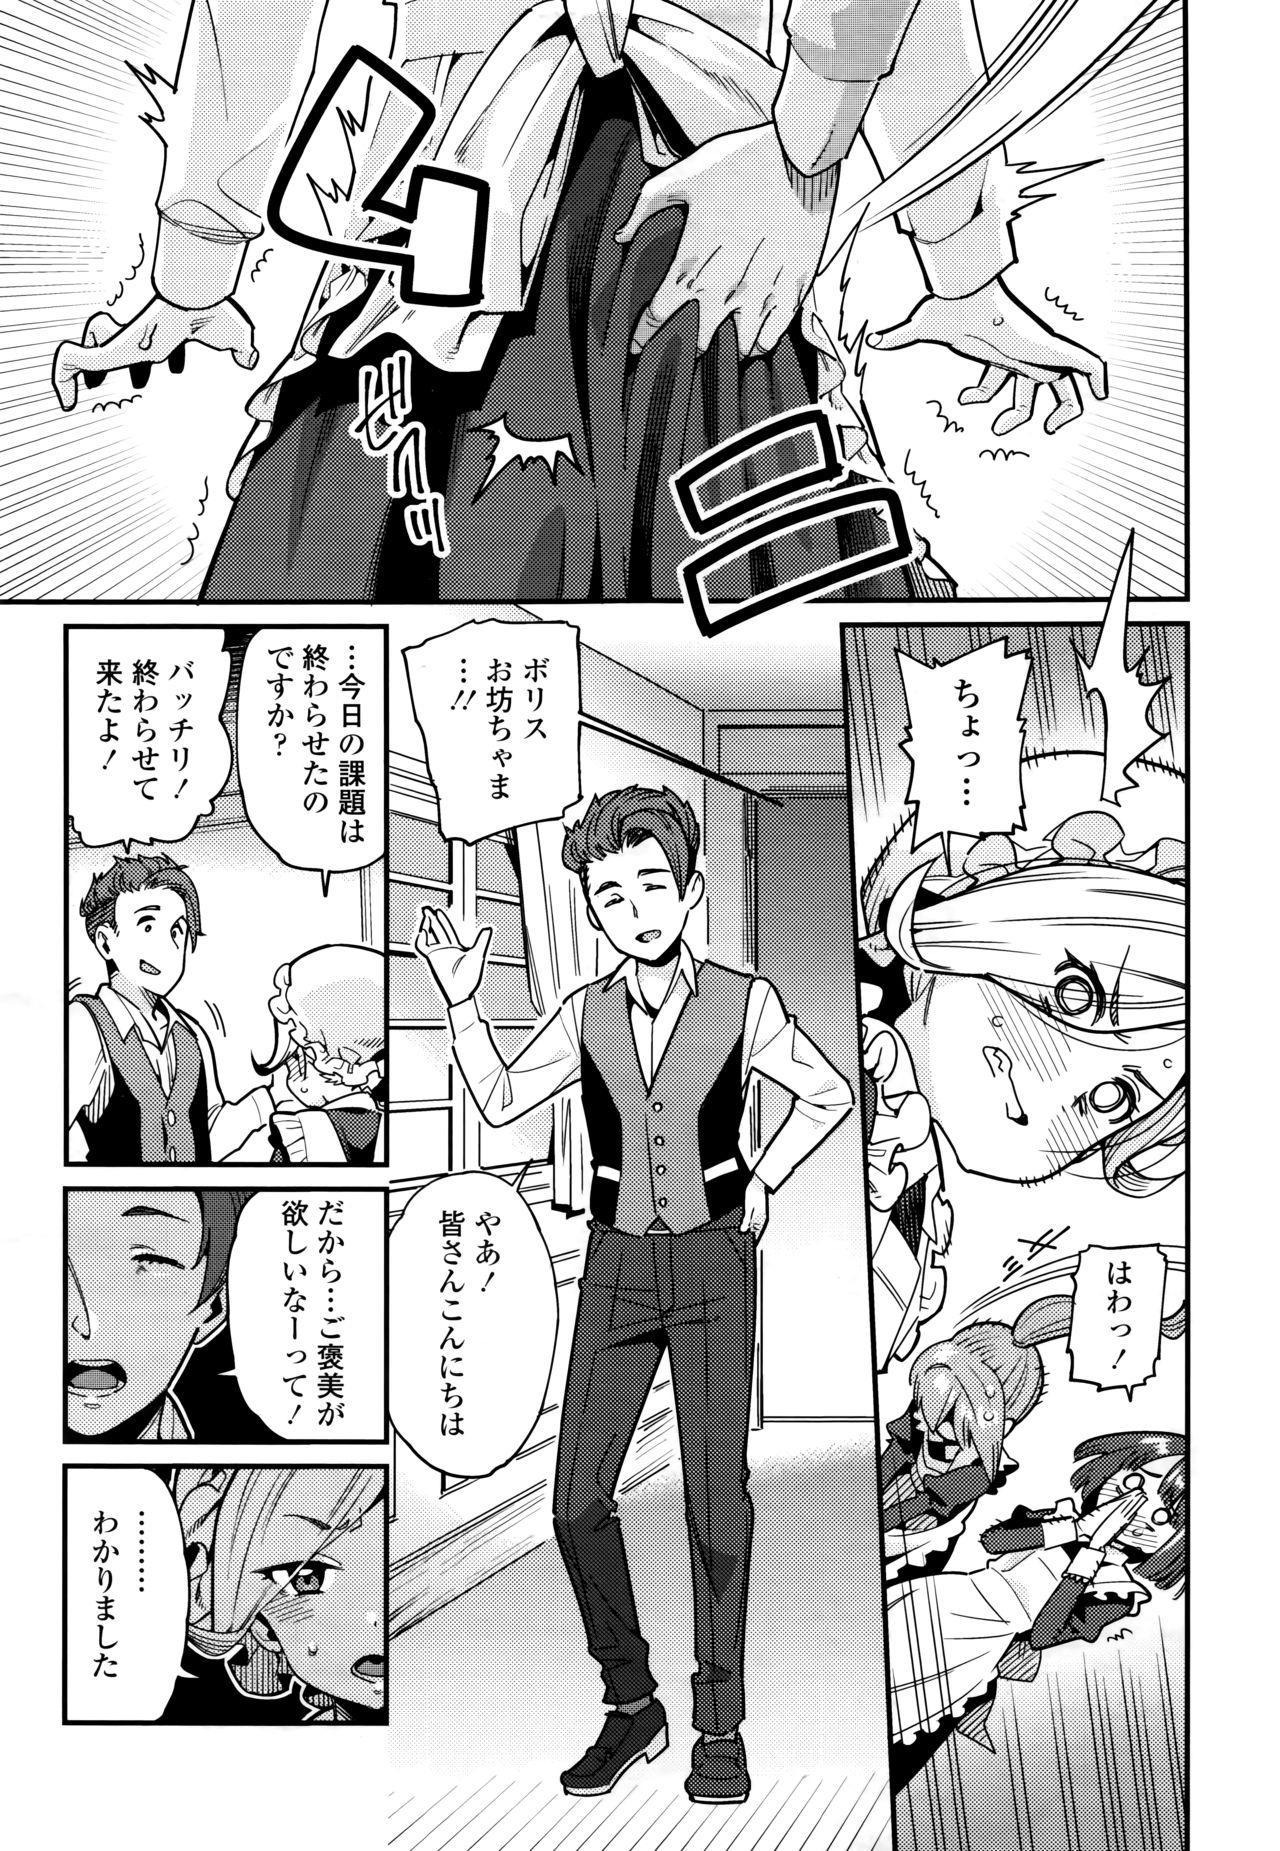 Towako 6 94